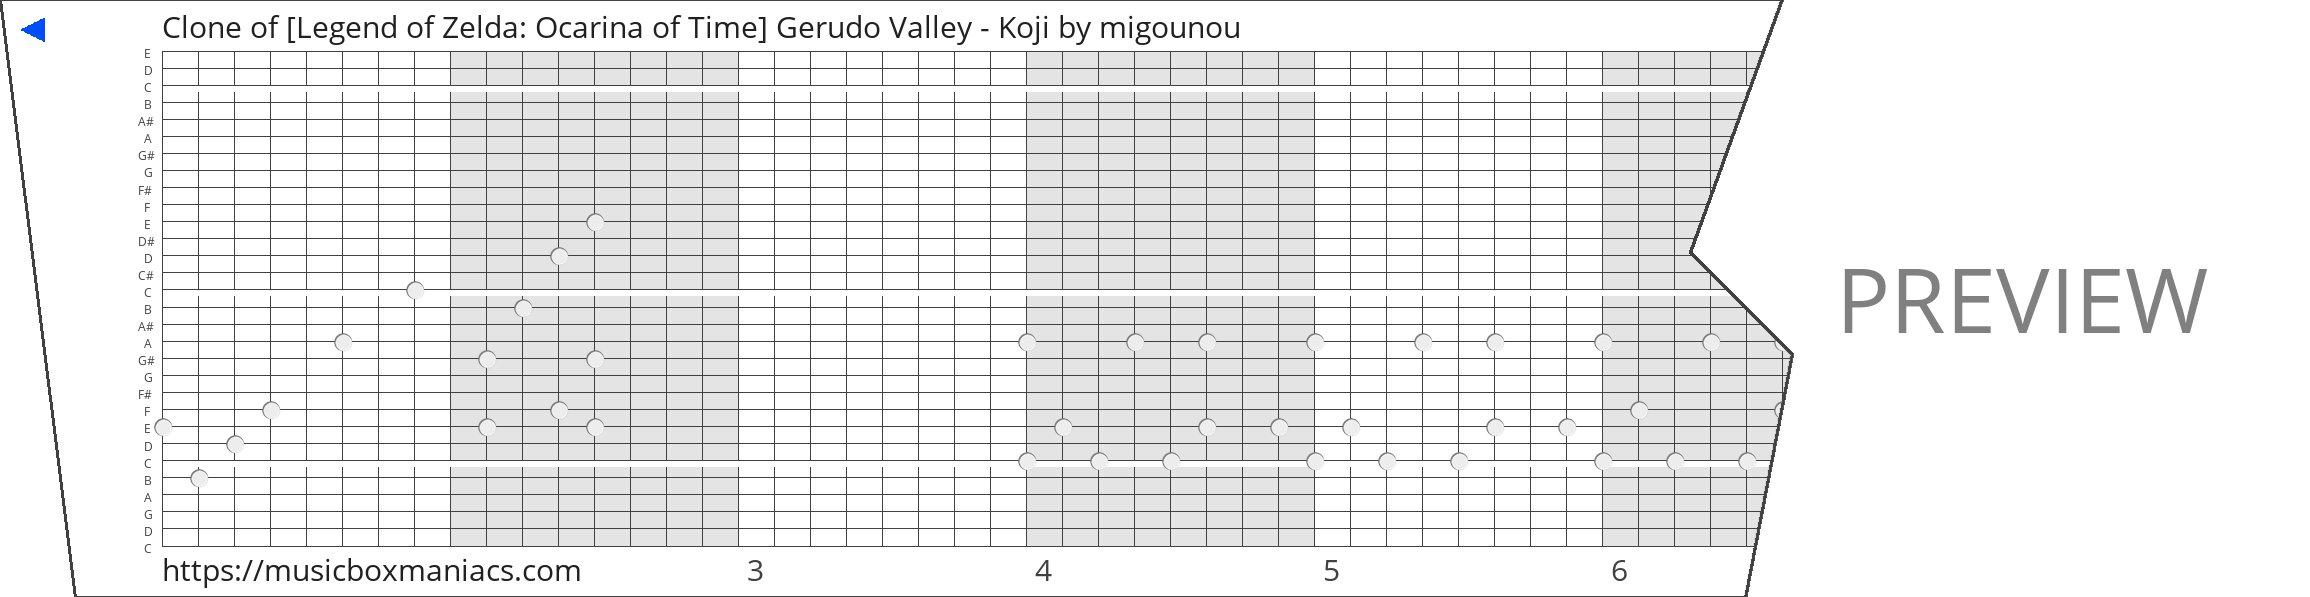 Clone of [Legend of Zelda: Ocarina of Time] Gerudo Valley - Koji 30 note music box paper strip